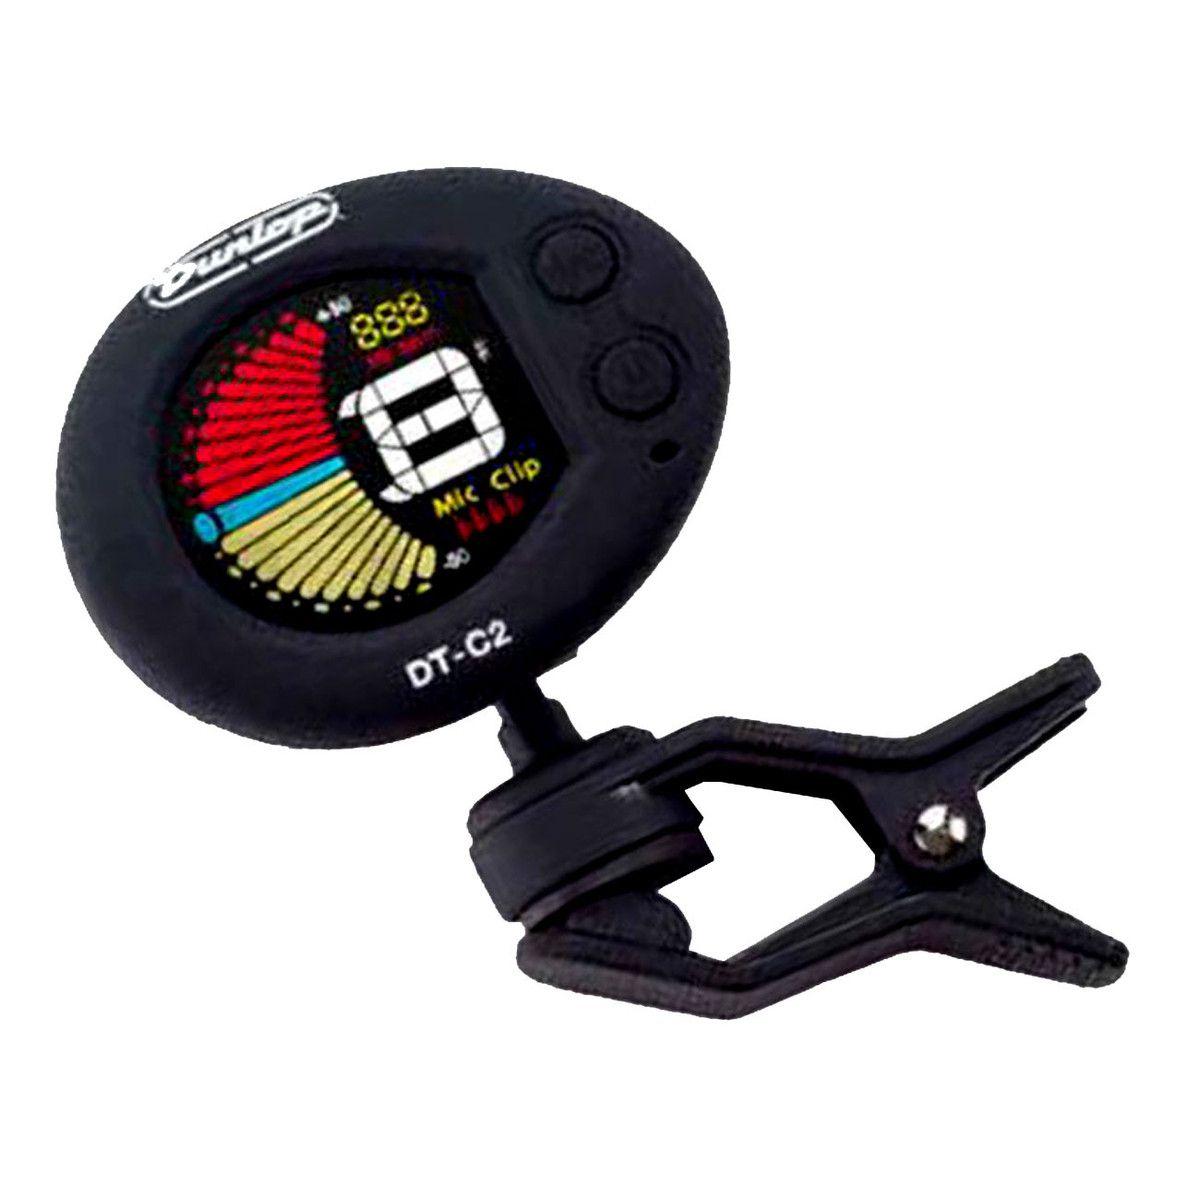 Afinador Dunlop Deluxe Clip-on tuner DT-C2